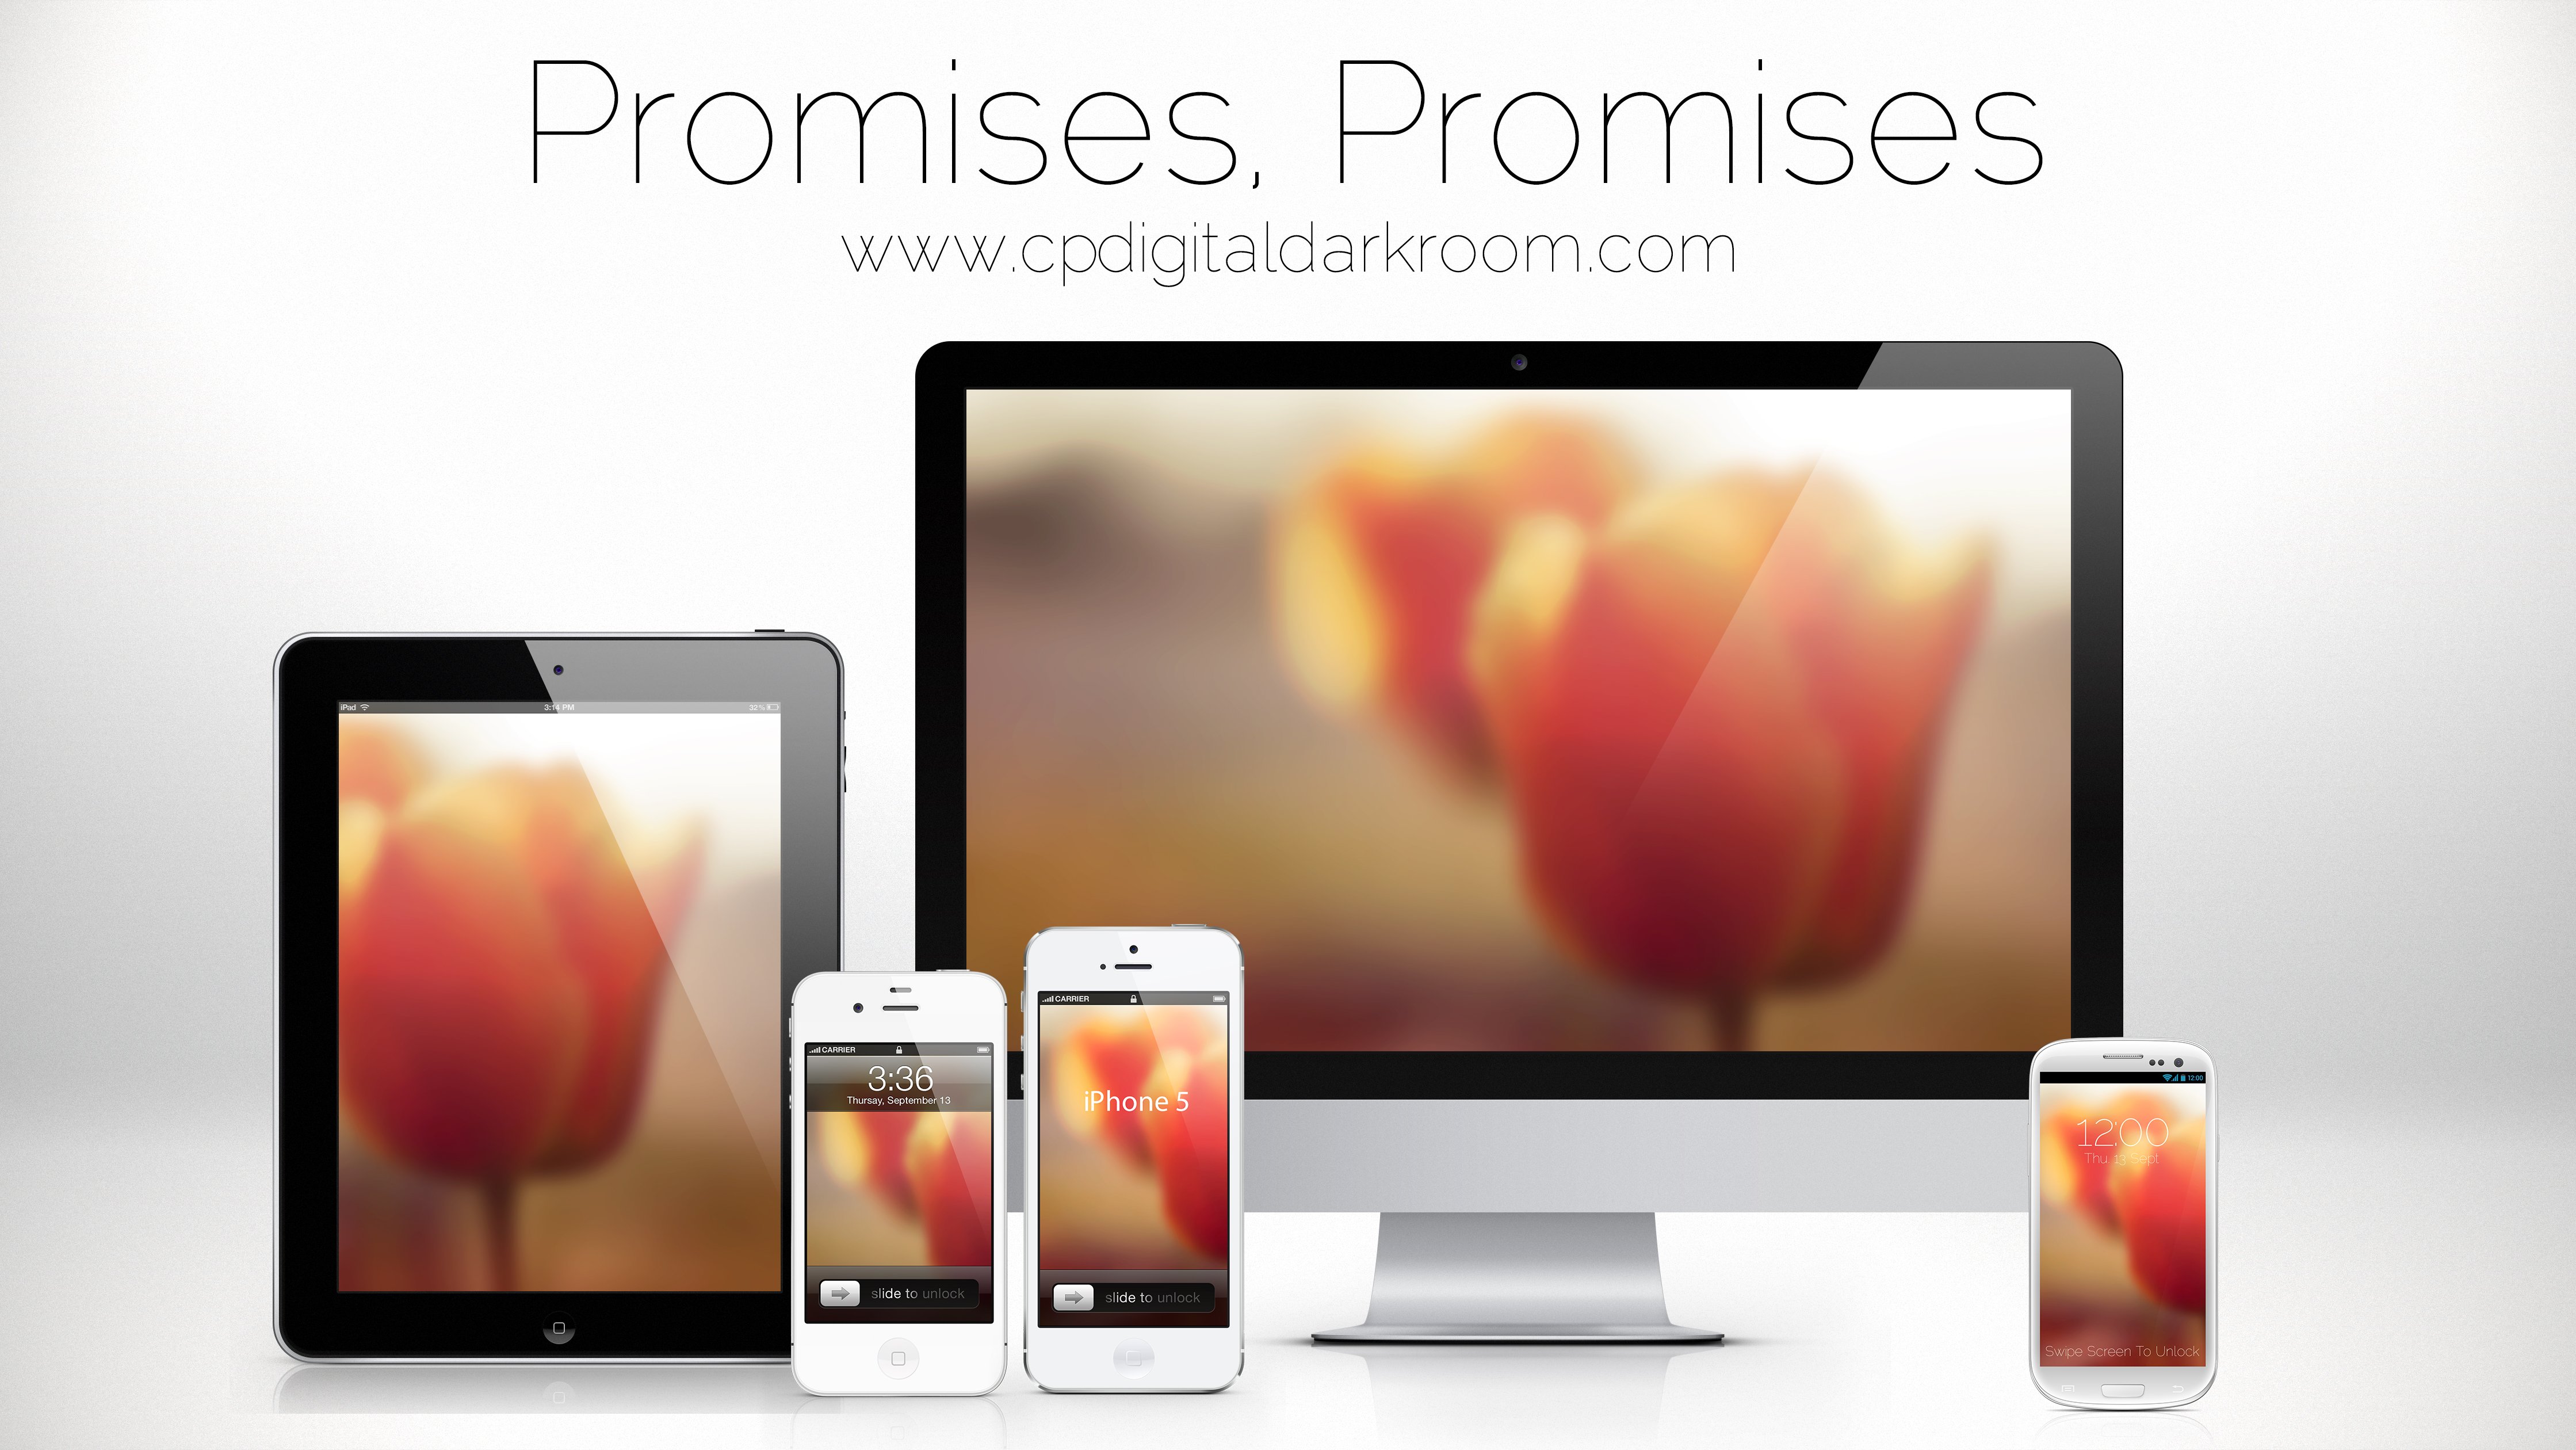 Promises Promises Wallpaper Pack By Cpdigitaldarkroom On